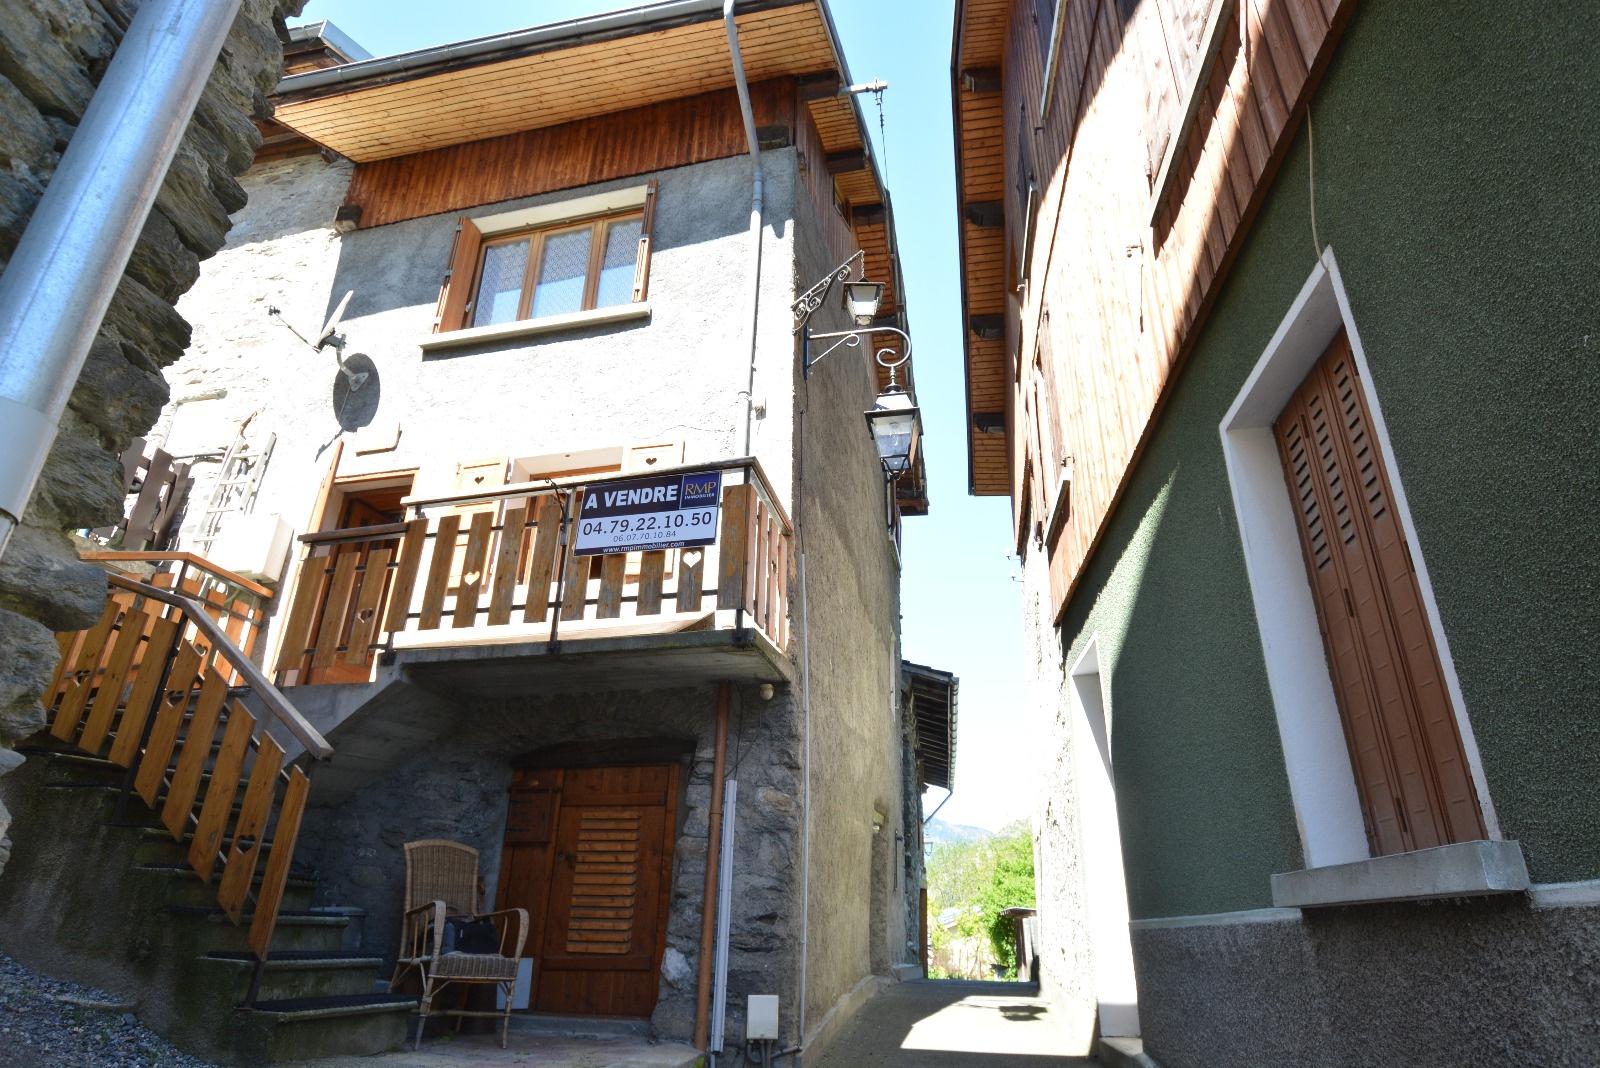 Offres de vente Maisons / Chalets La Perrière 73600